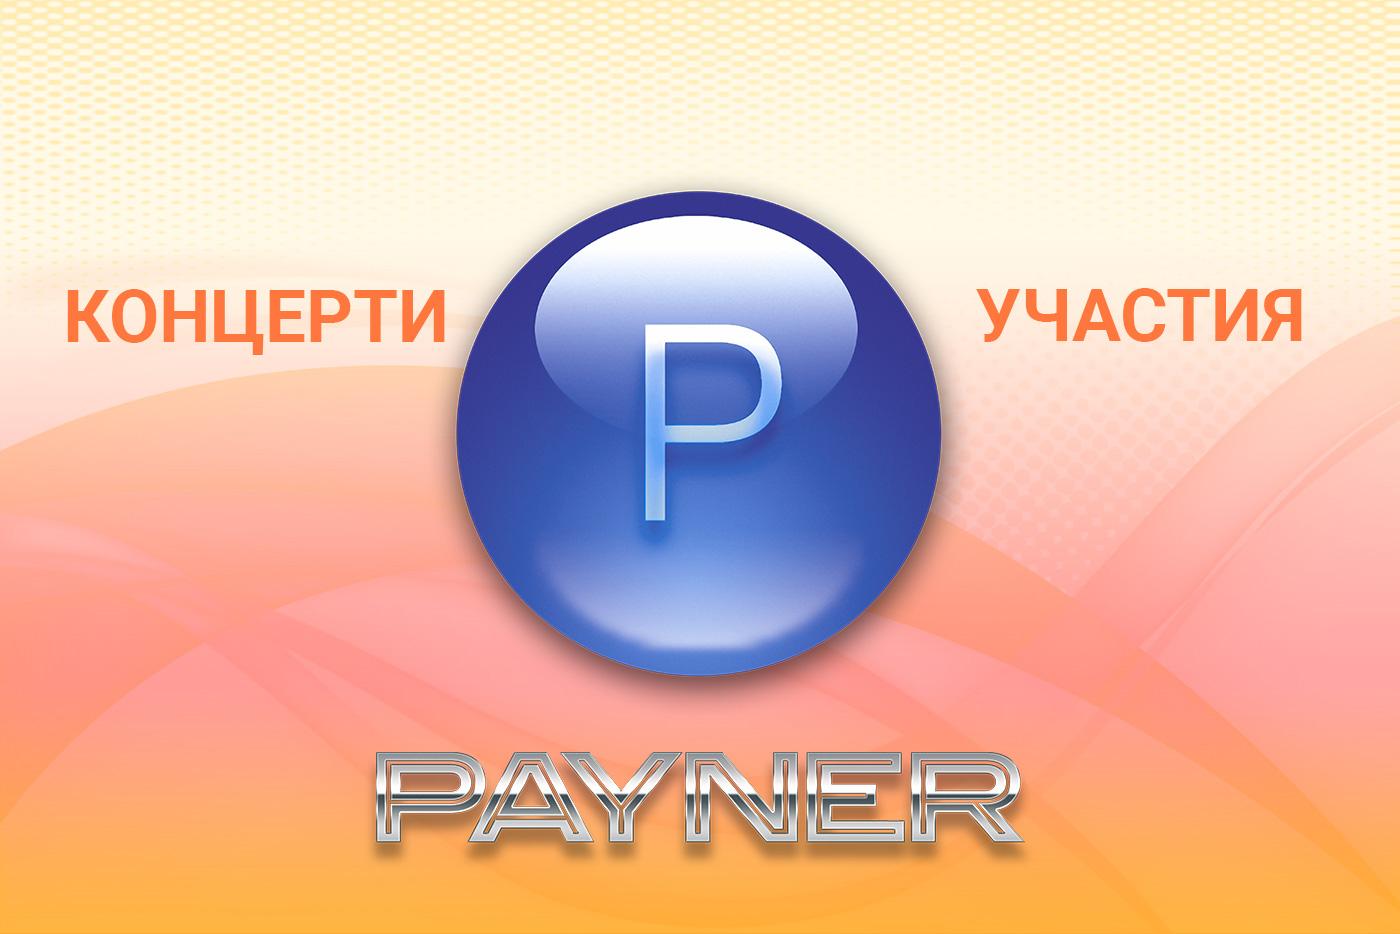 """Участия на звездите на """"Пайнер"""" на 27.09.2019"""